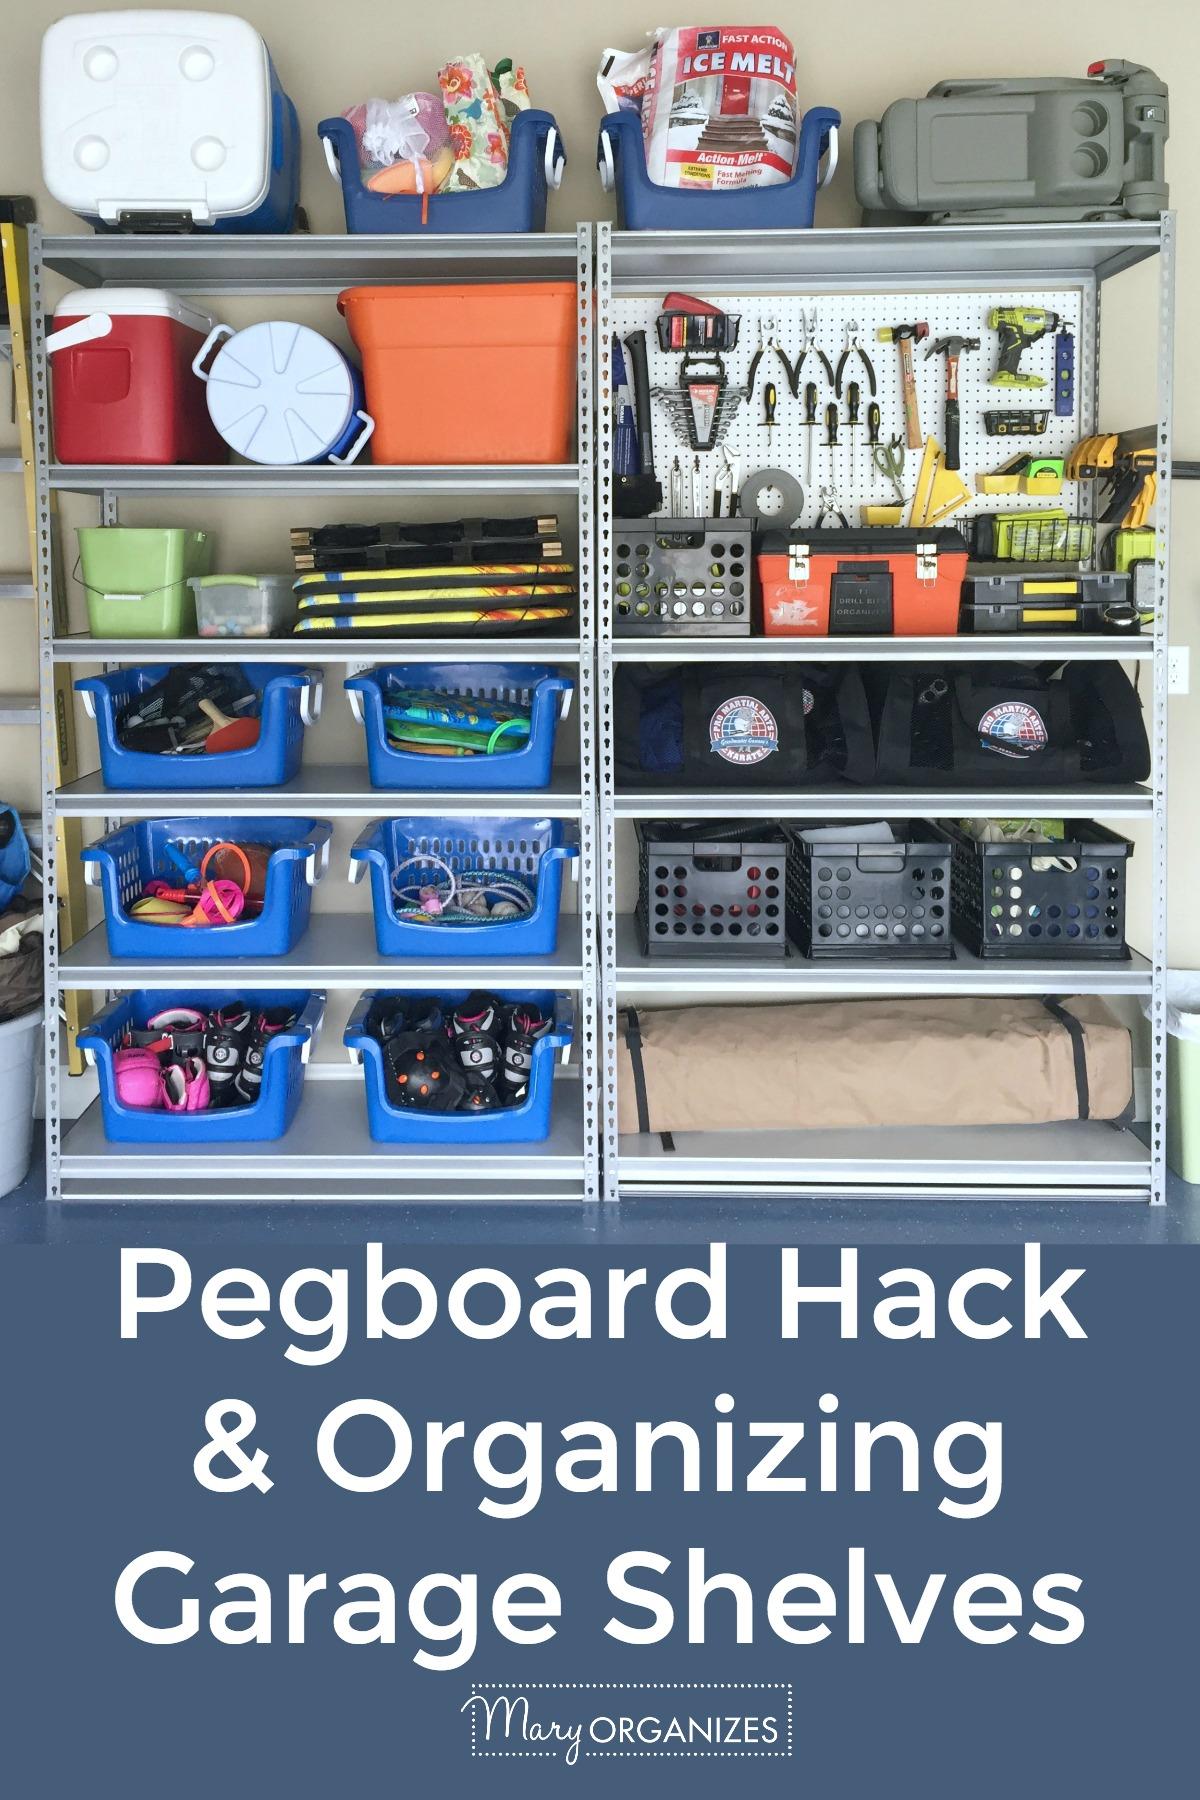 Pegboard Hack and Organizing Garage Shelves -v